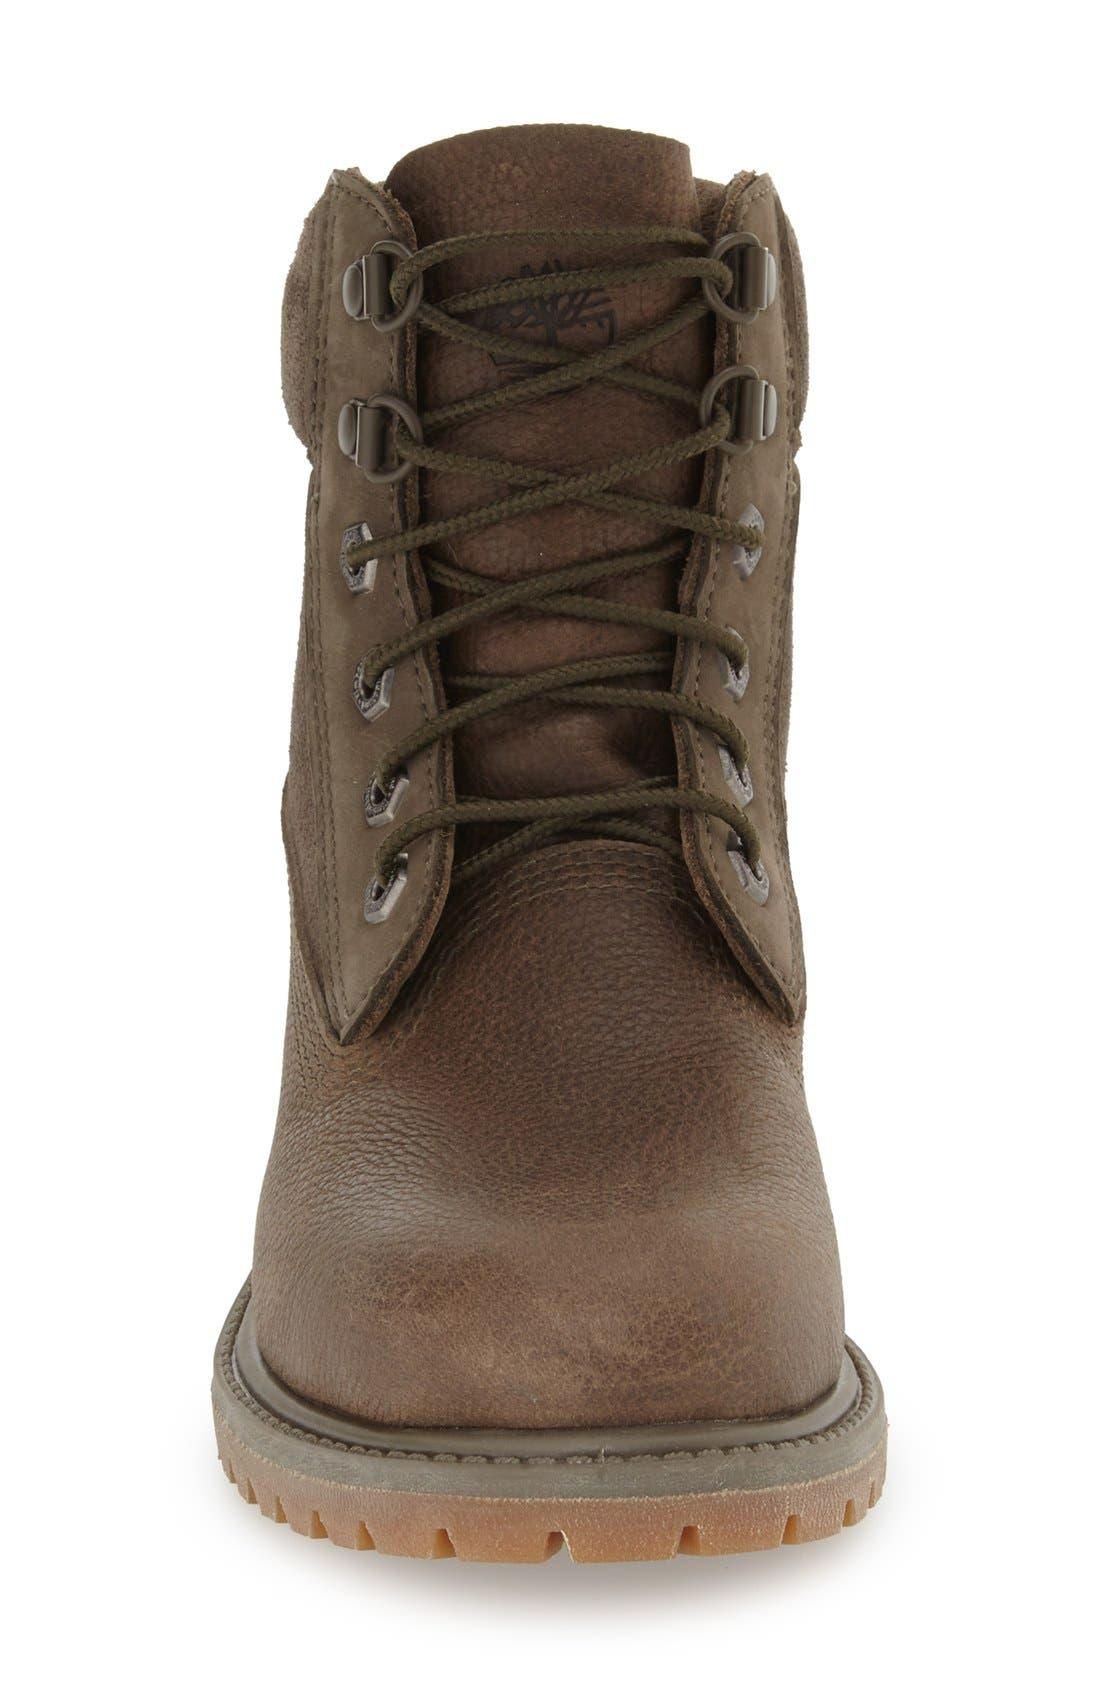 Alternate Image 3  - Timberland '6 Inch Premium' Waterproof Boot (Women)